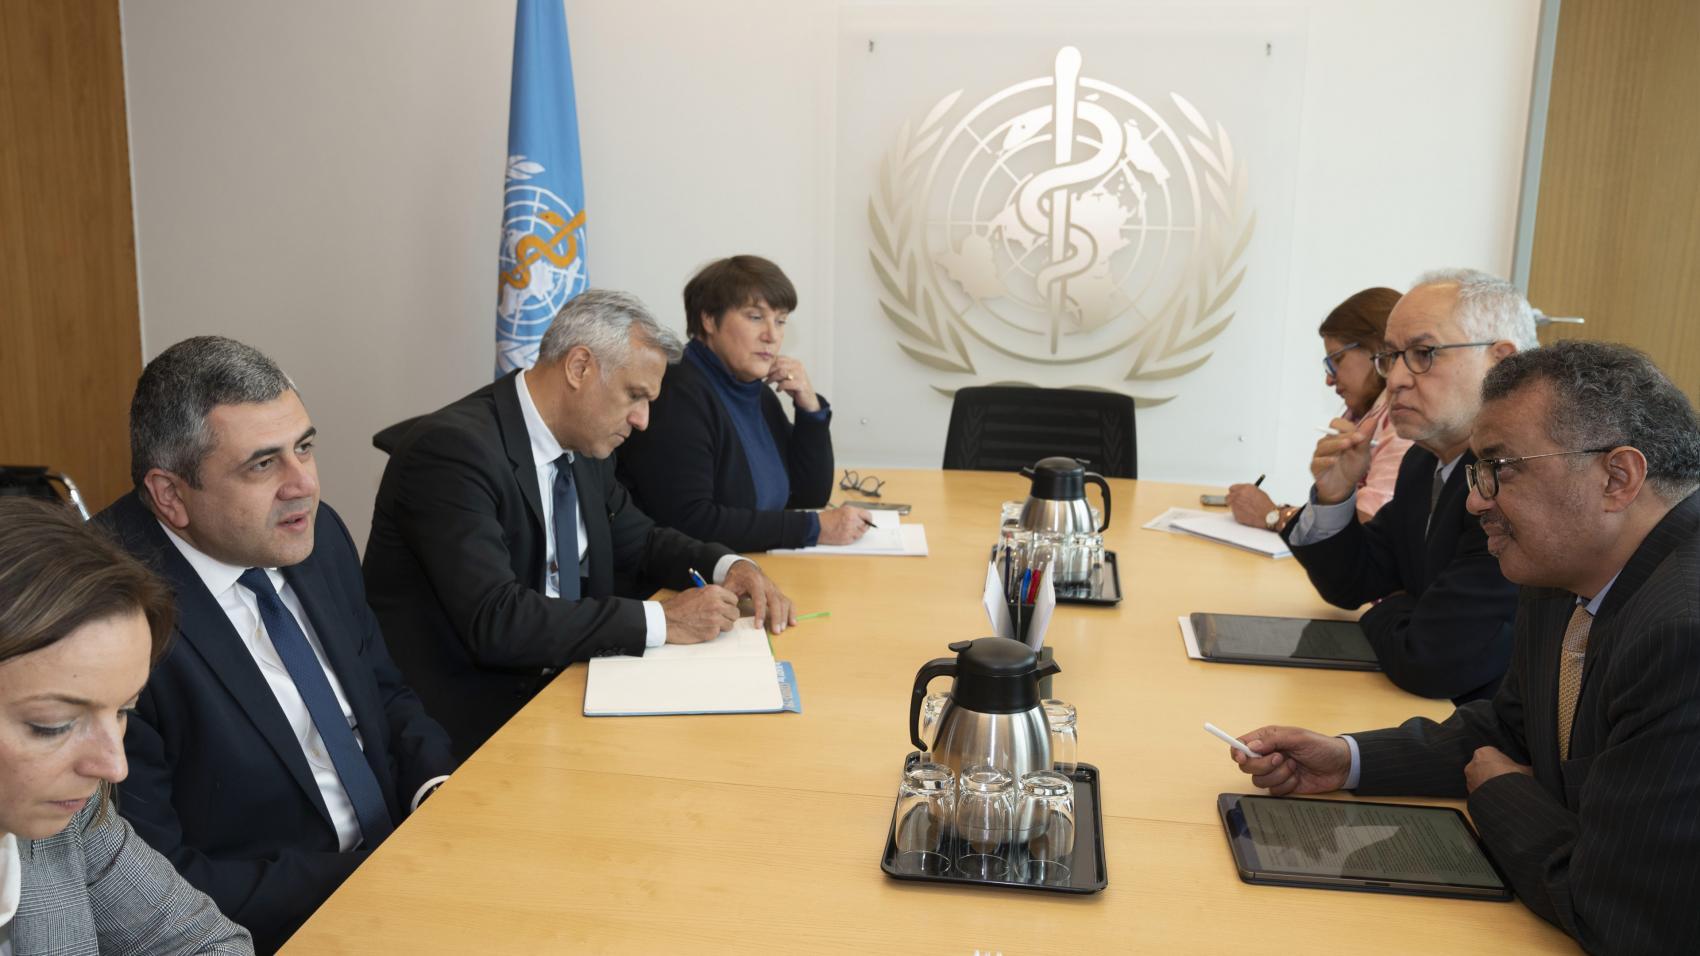 منظمة السياحة العالمية ومنظمة الصحة العالمية تتفقان على تعزيز التعاون في مواجهة فيروس كوفيد -19